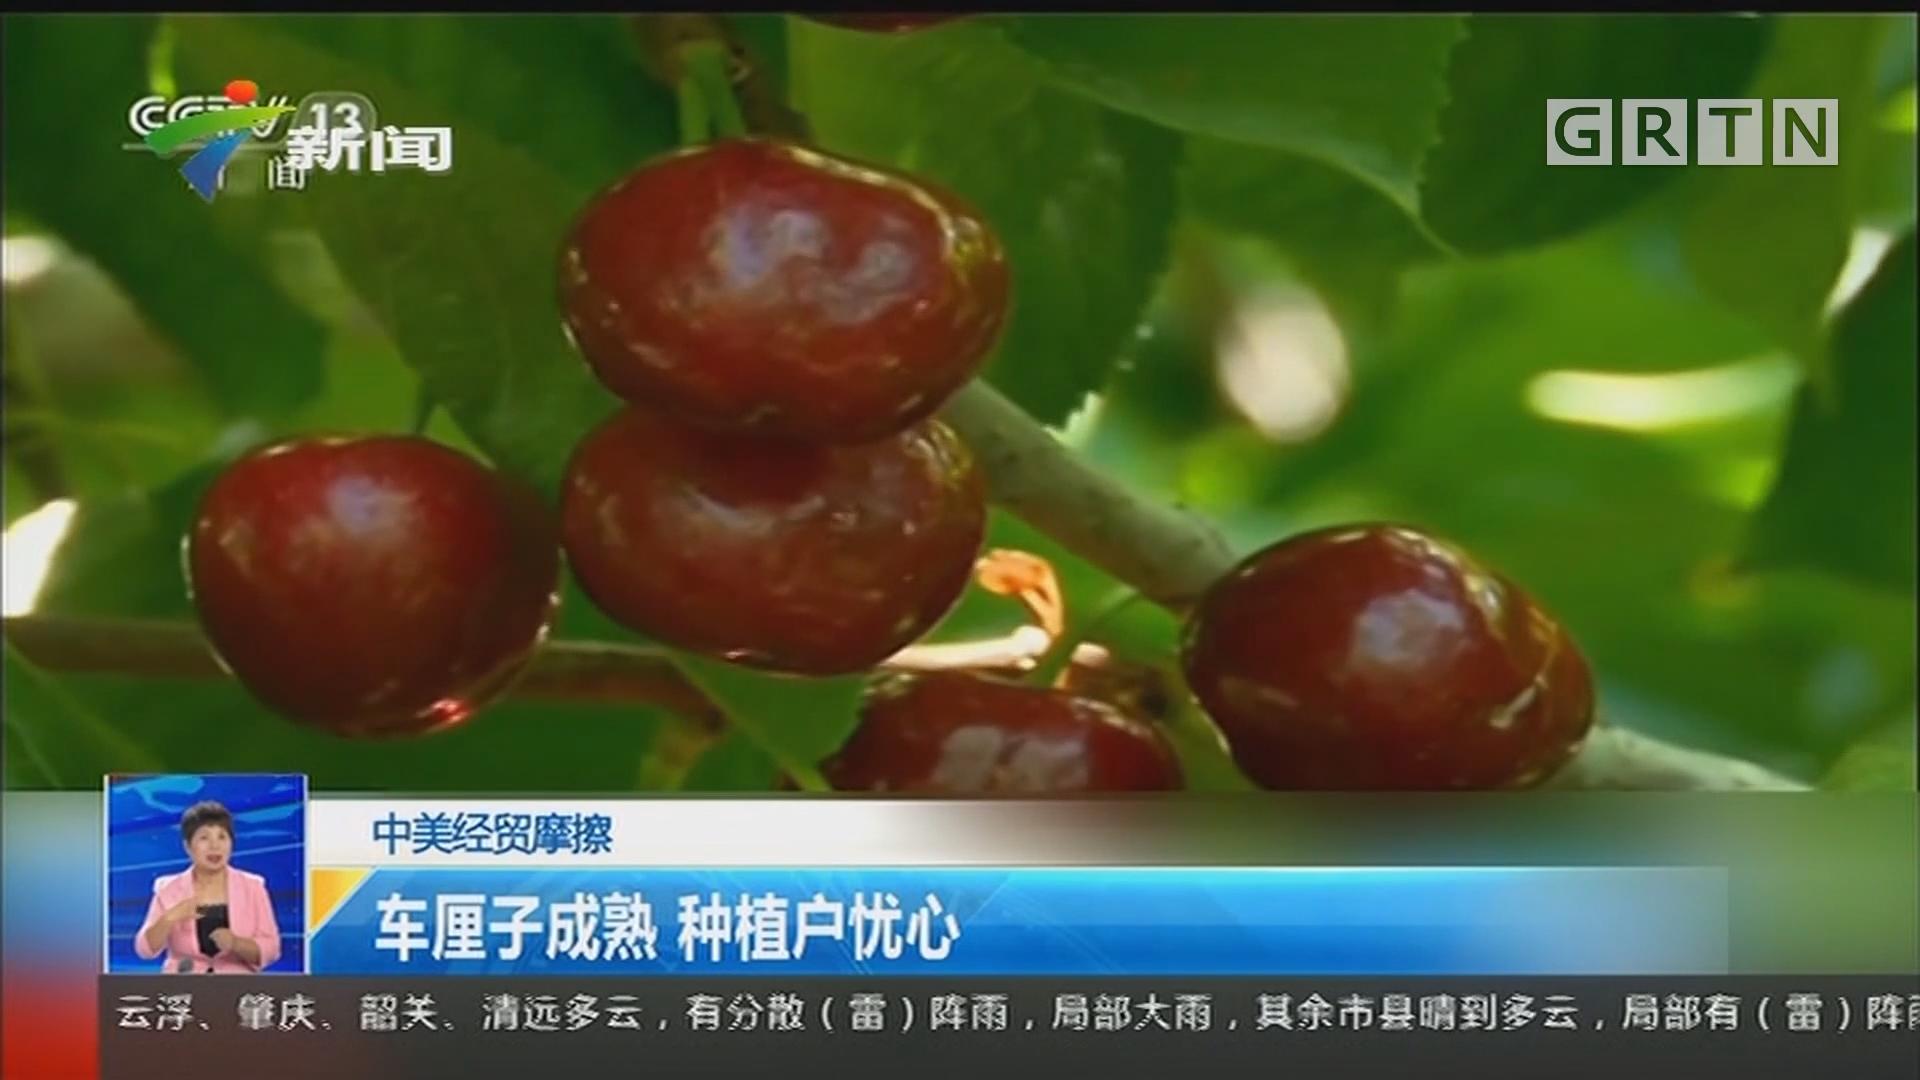 中美经贸摩擦:车厘子成熟 种植户忧心